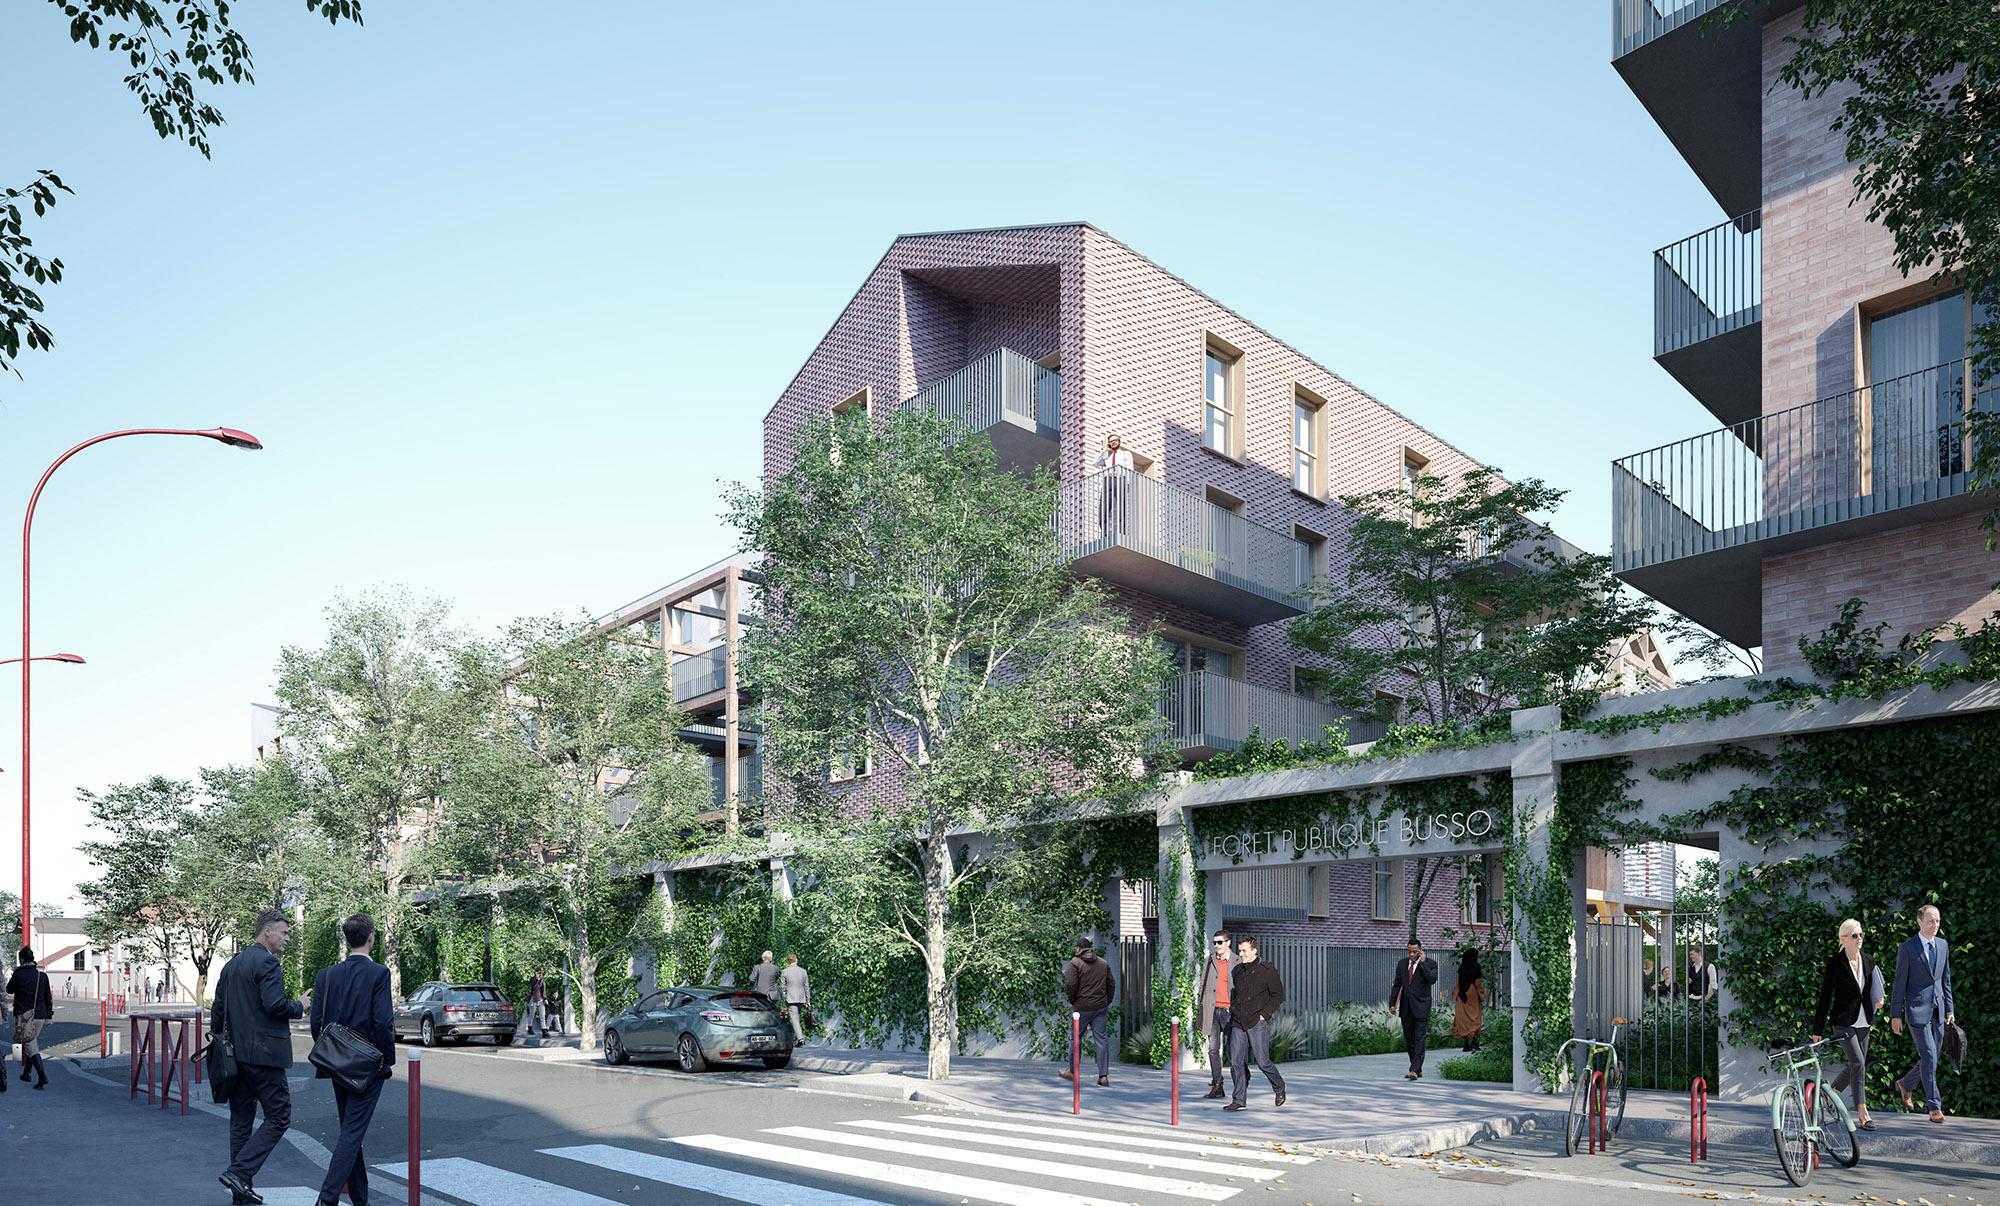 Forêt Busso  - Près-Saint-Gervais - Intégration du mur Colette Audry dans le projet architectural et paysagé